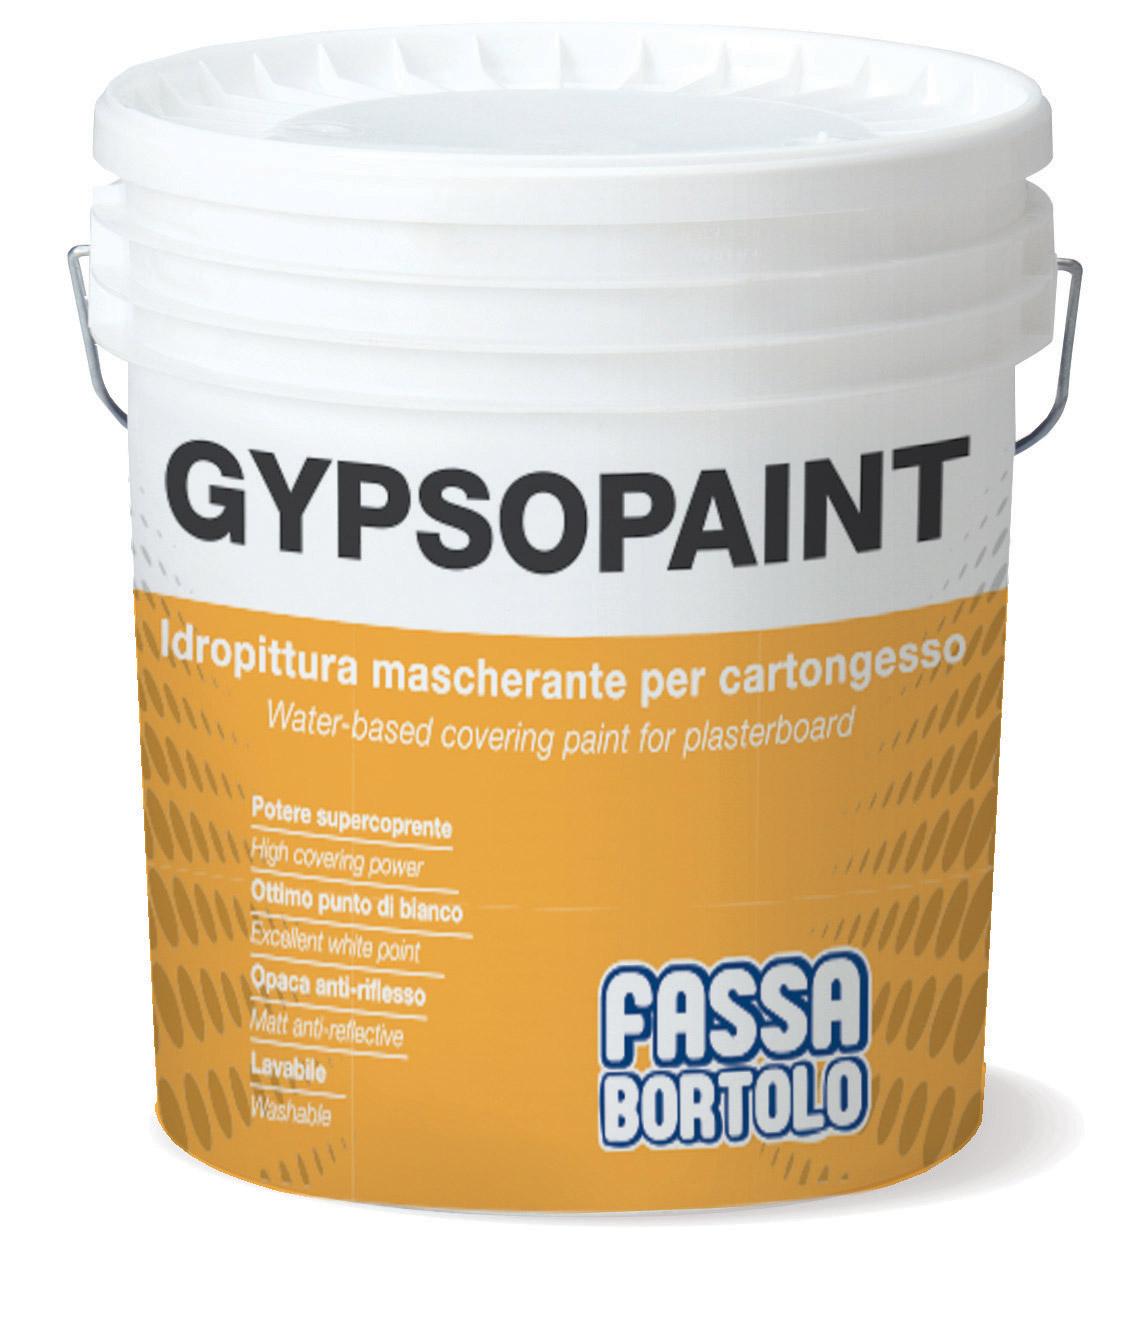 GYPSOPAINT: Pintura aquosa para gesso cartonado